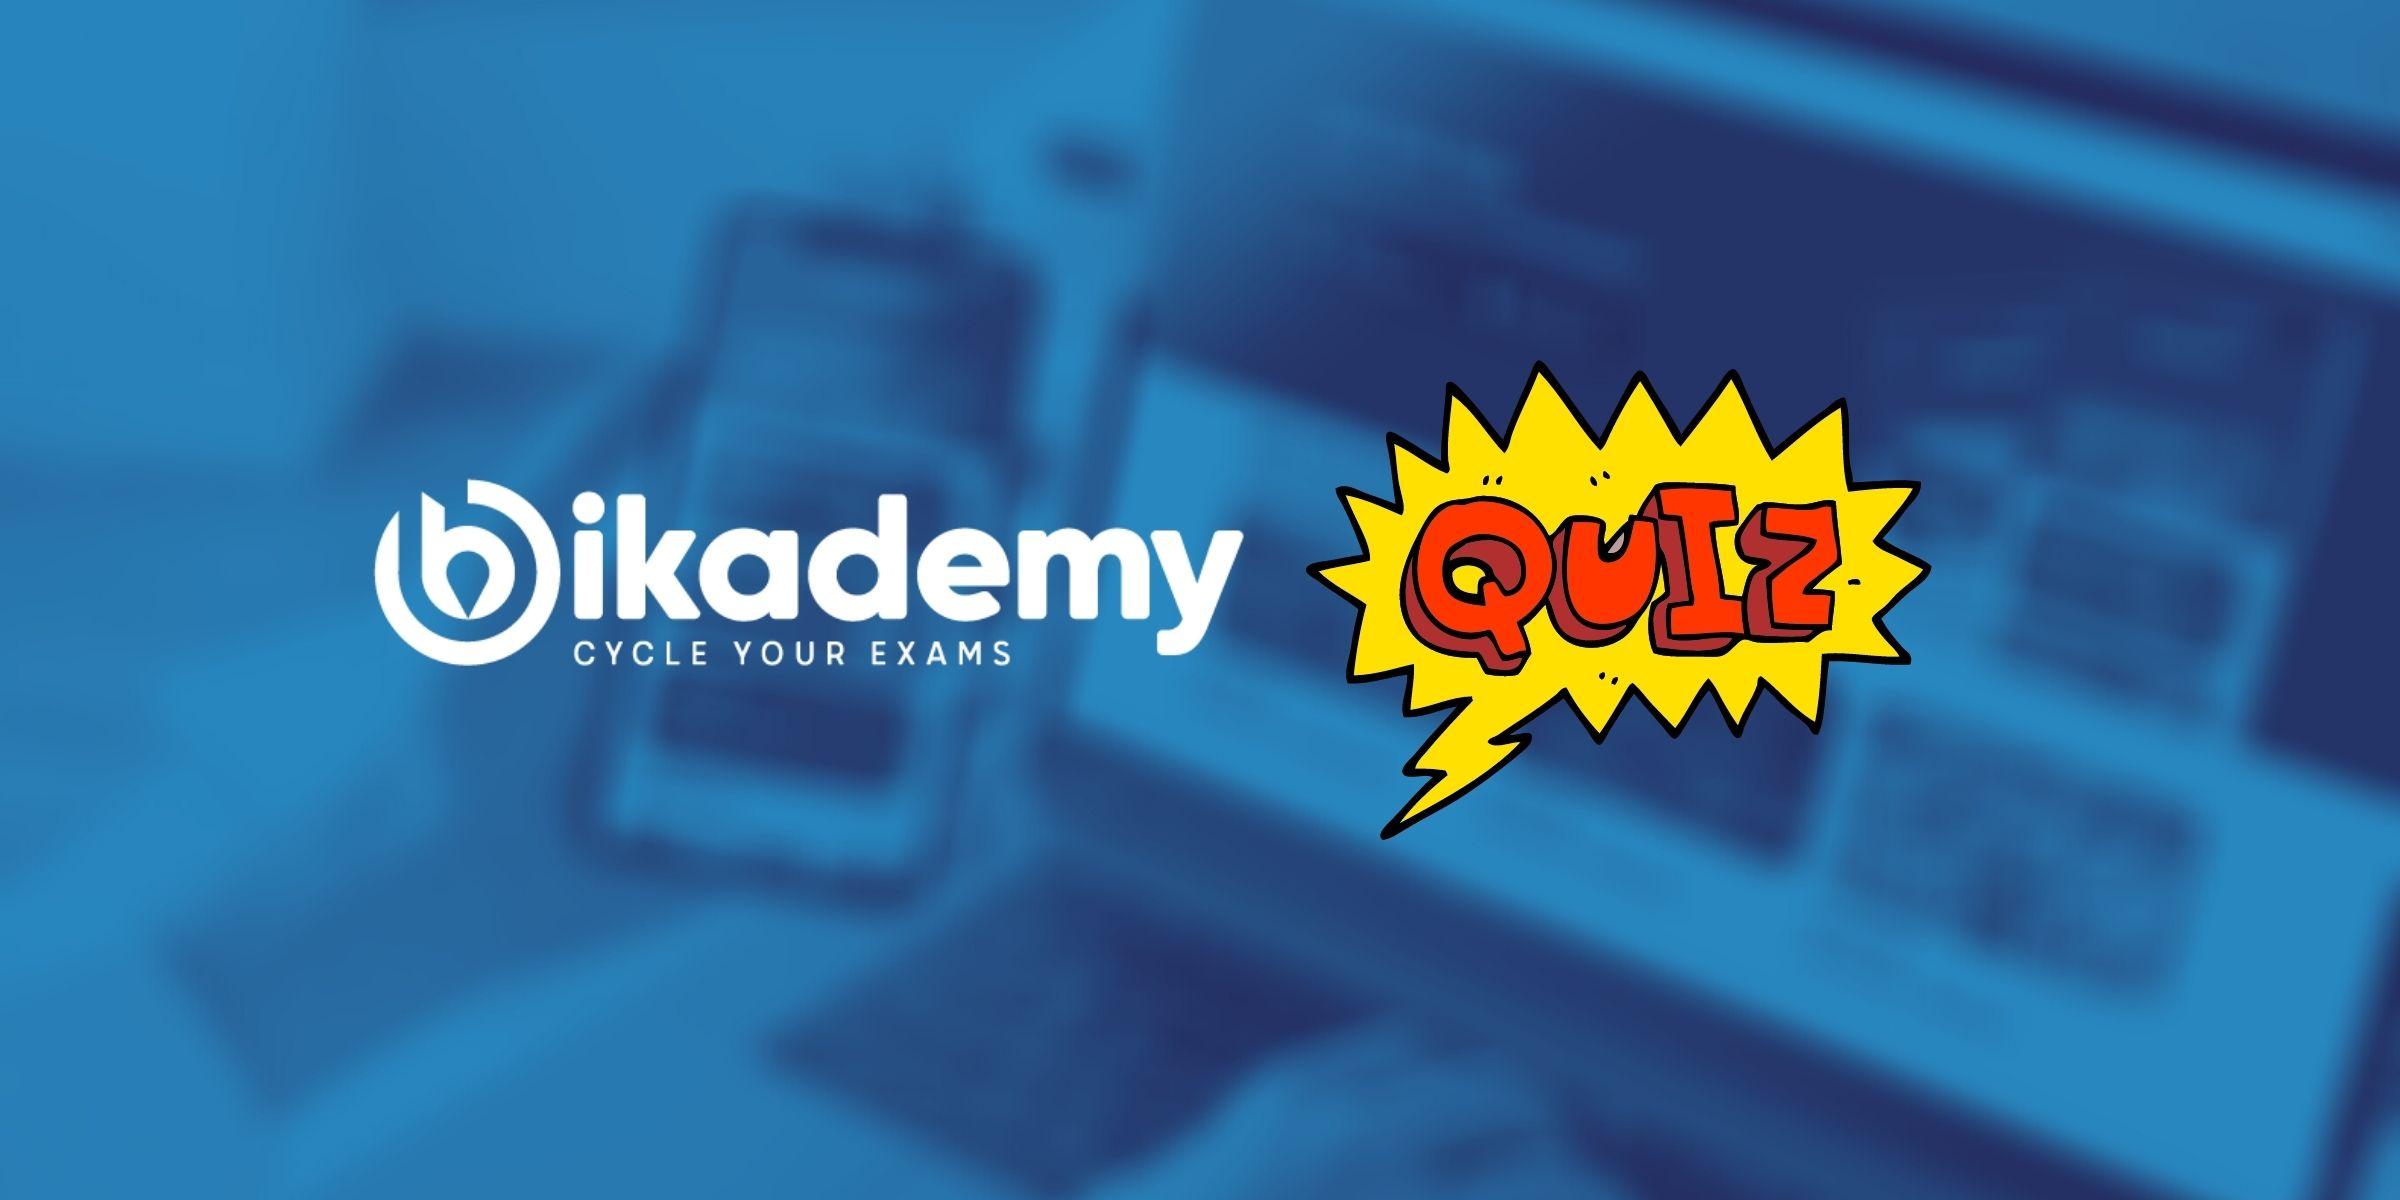 Bikademy Quiz - Bikademy